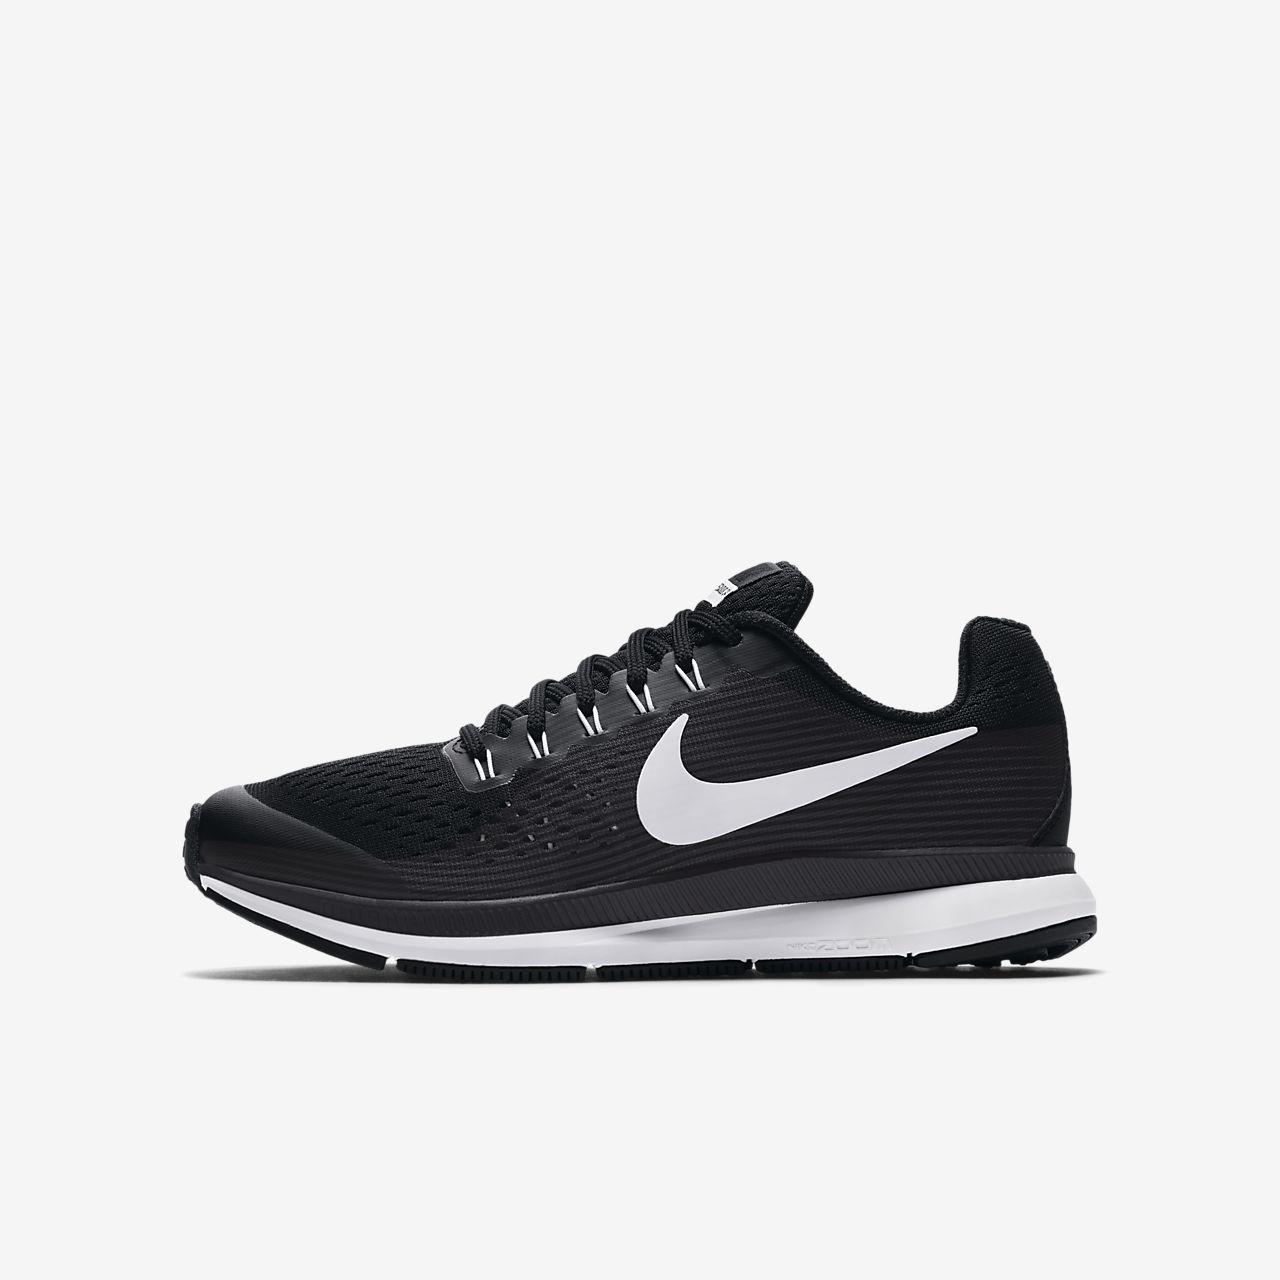 scarpe nike pegasus 34